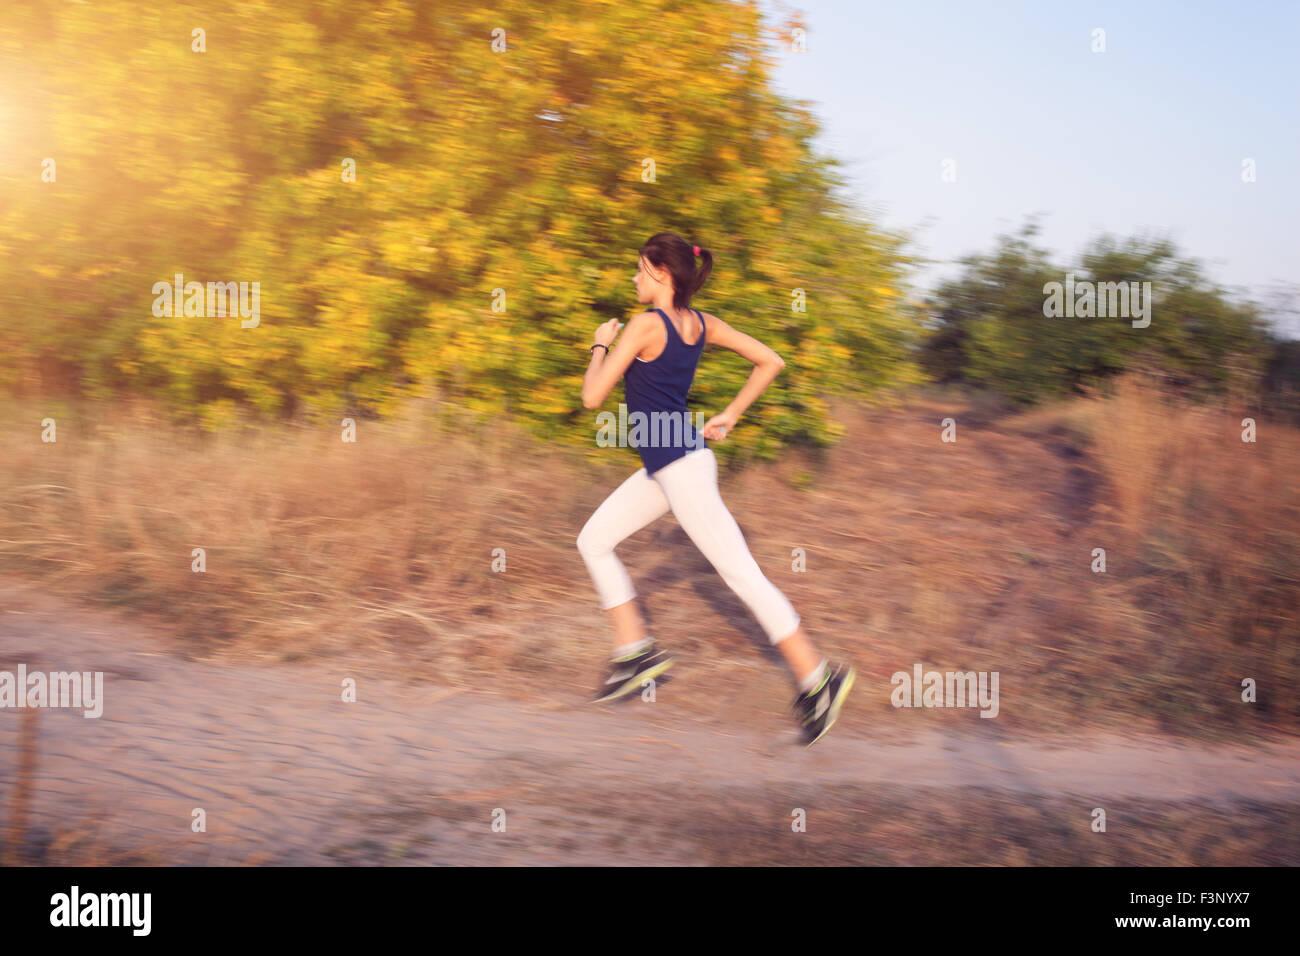 Junge Frau auf einer Landstraße bei Sonnenuntergang im herbstlichen Wald ausgeführt. Lifestyle-Sport-Hintergrund Stockbild